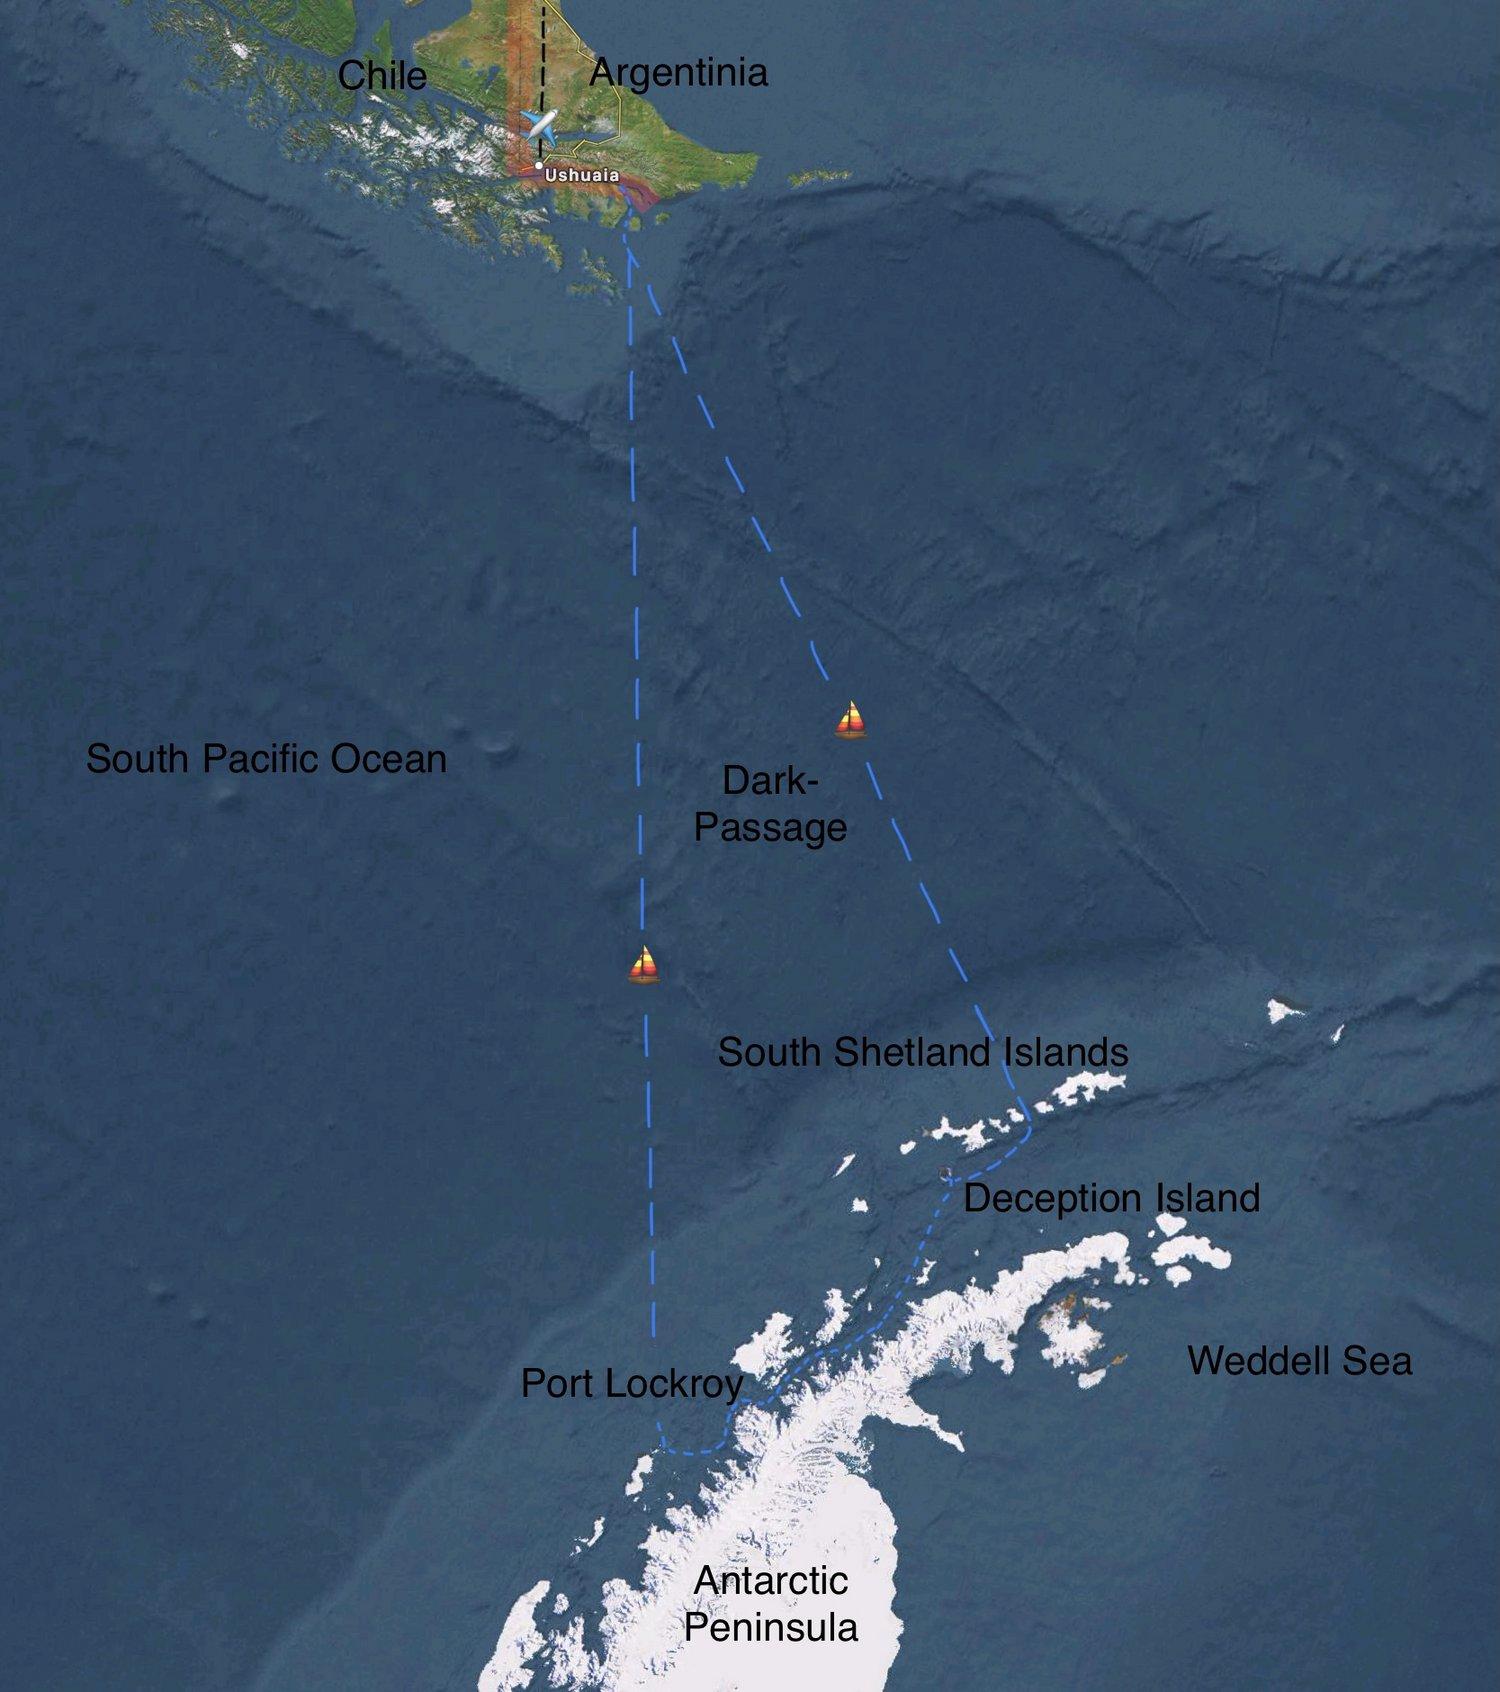 Die blauen Linien sind die warscheinlichen Schiffs-Routen, die durch Wind, Wetter, Seegang und Packeis vor Ort noch umgeändert werden können.